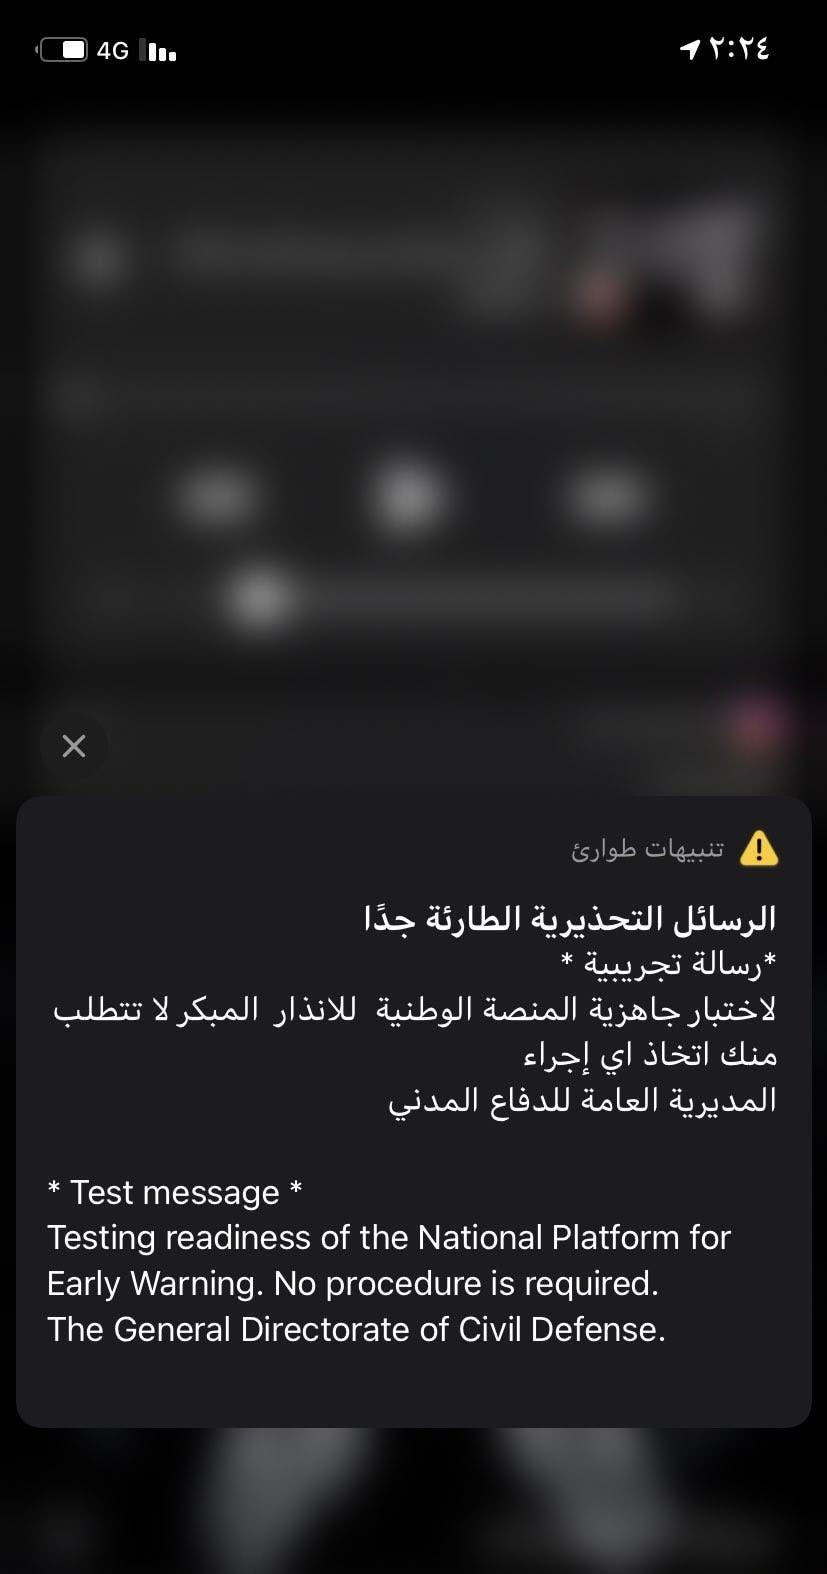 السعودية ترسل رسائل تحذيرية الى المواطنين عبر الهاتف